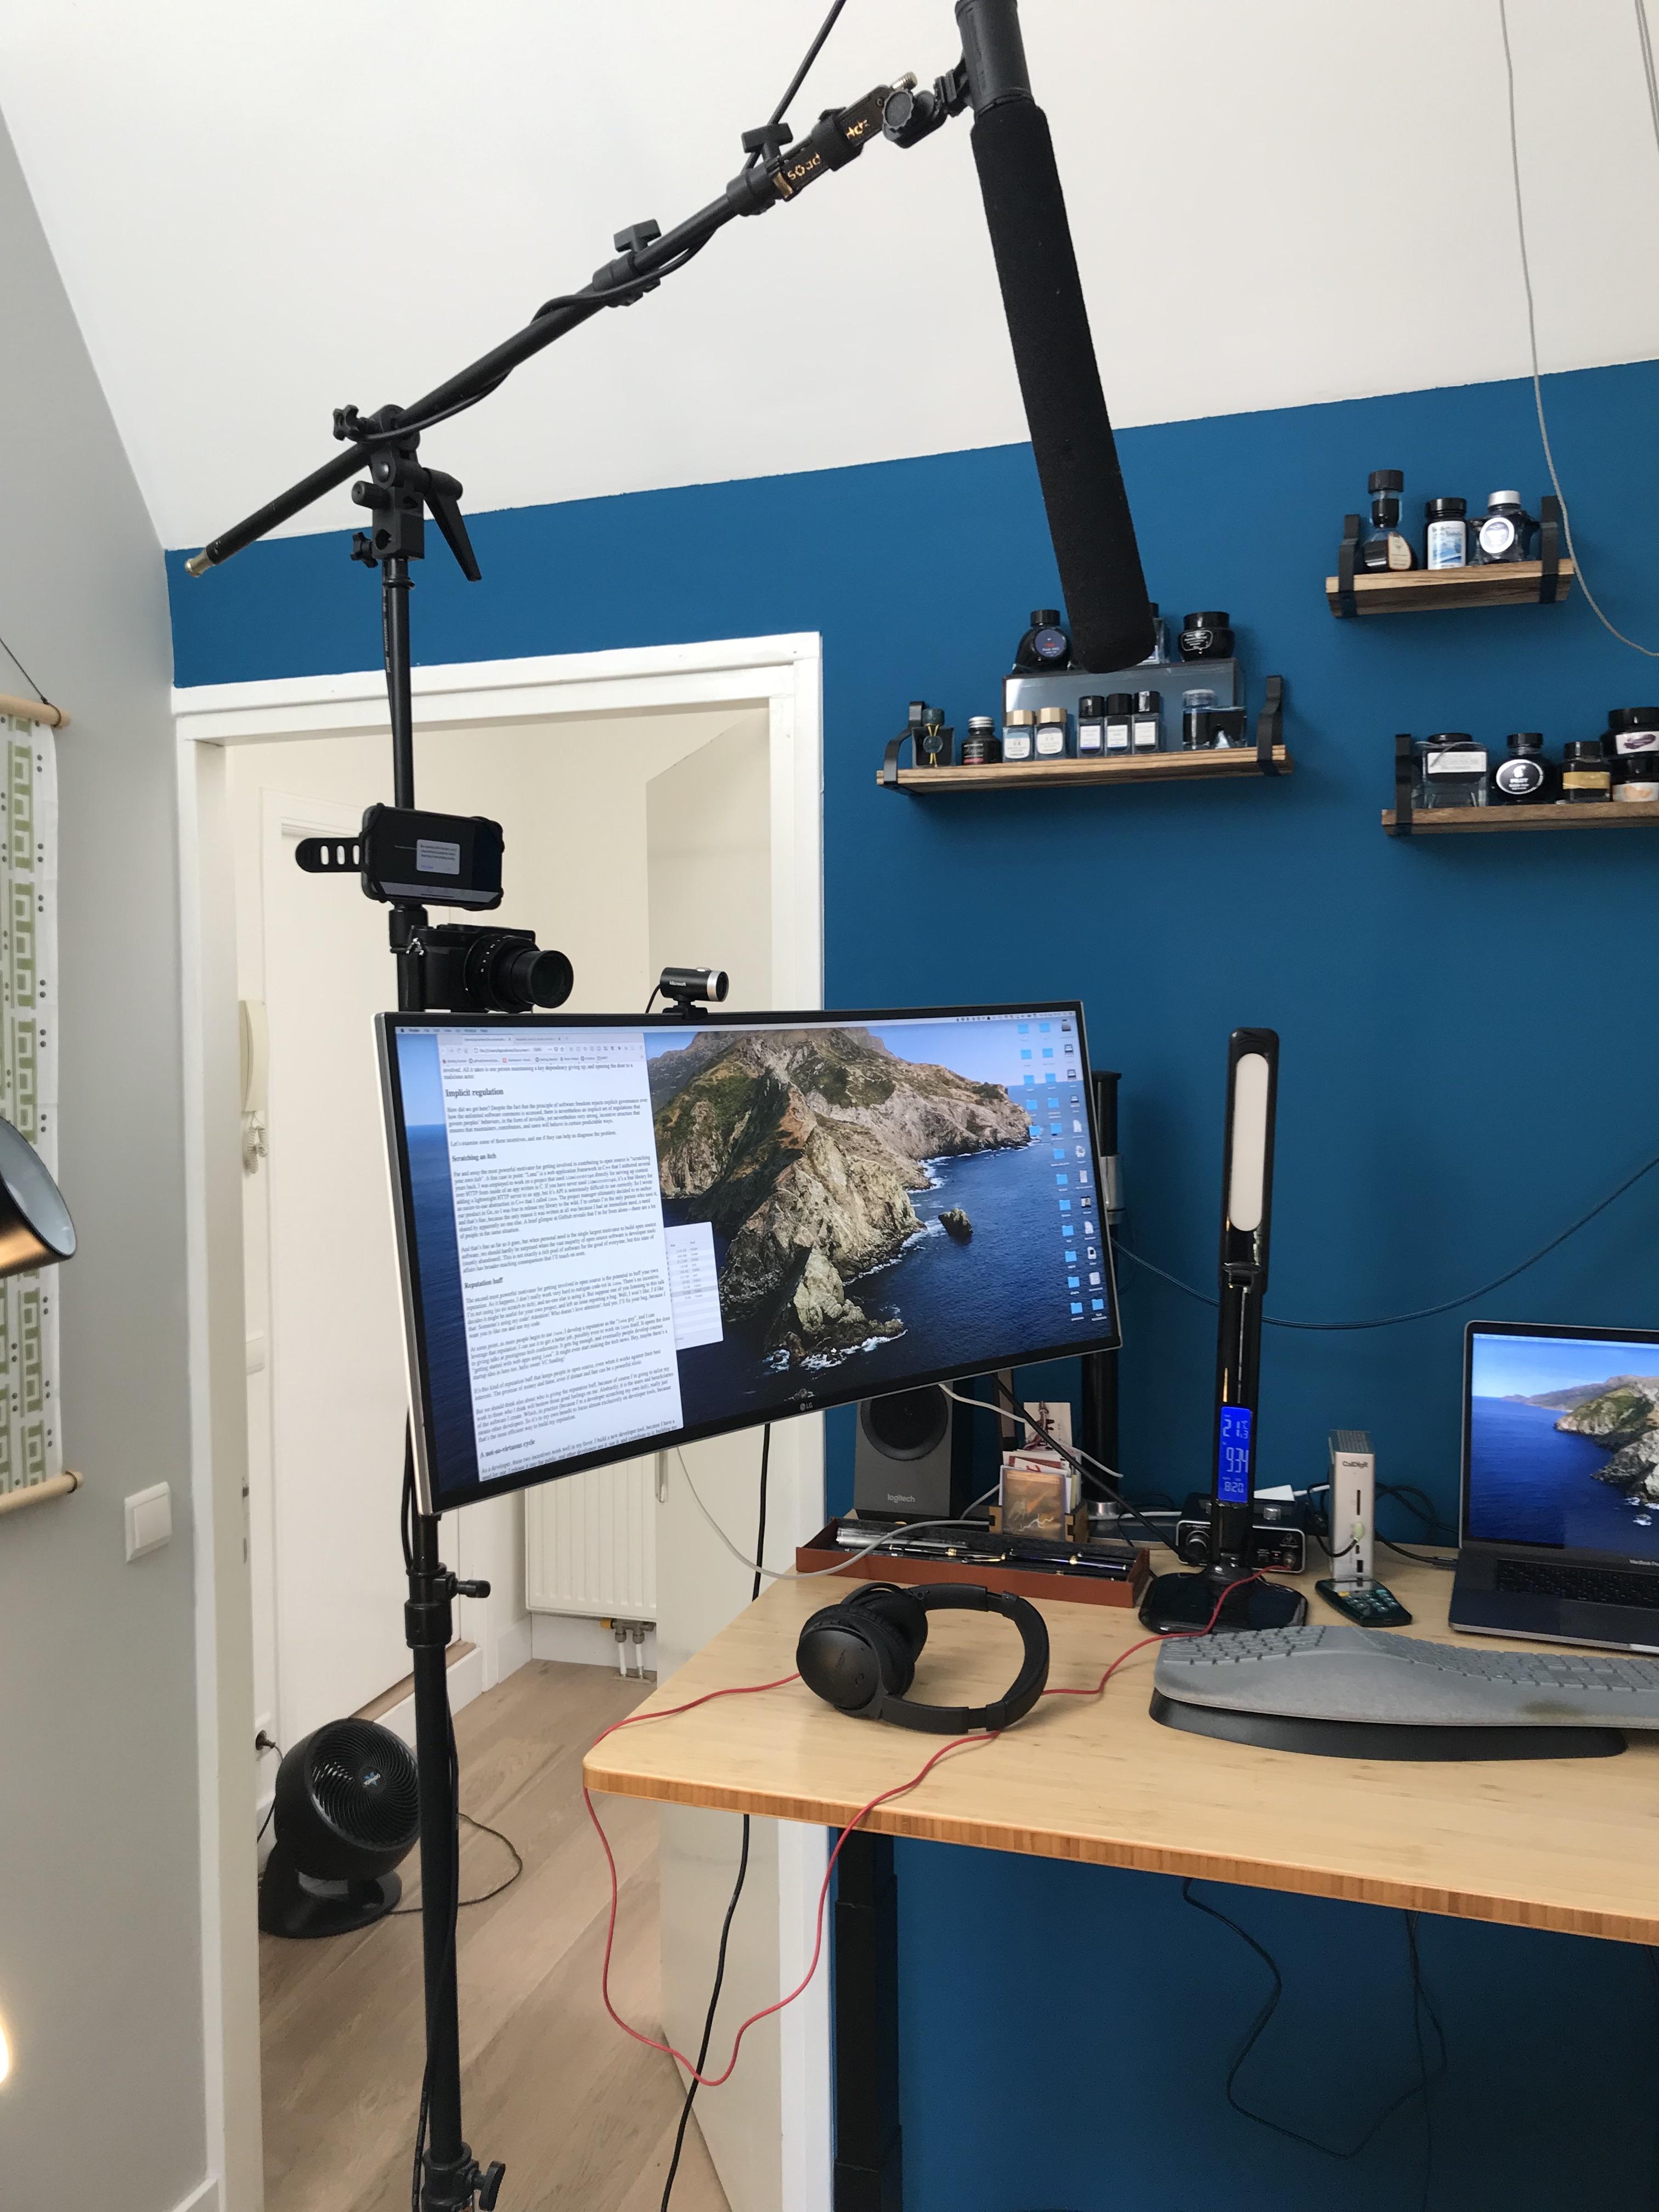 My A/V setup